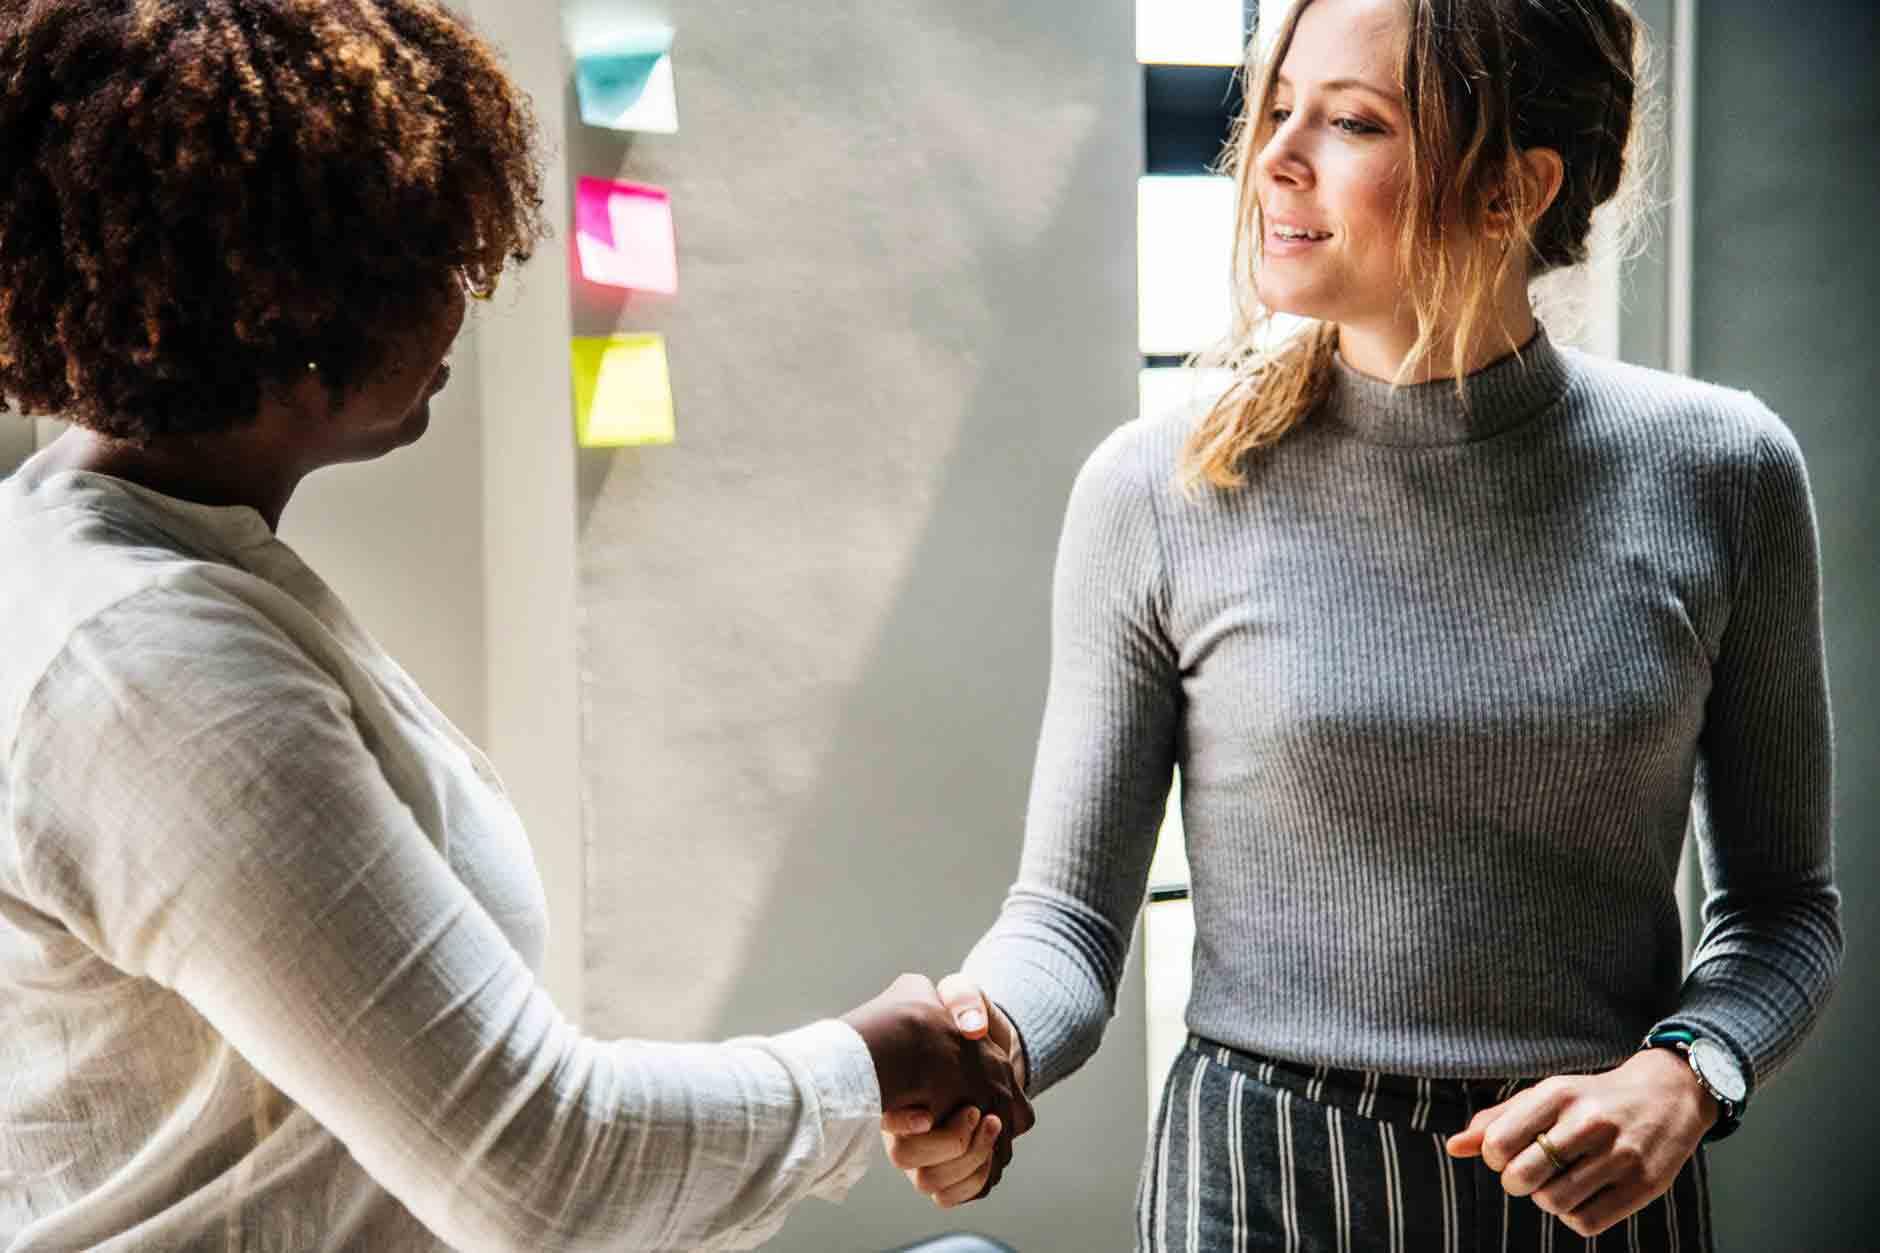 Convenção Coletiva de Trabalho e Acordo Coletivo - foto de duas mulheres apertando mão